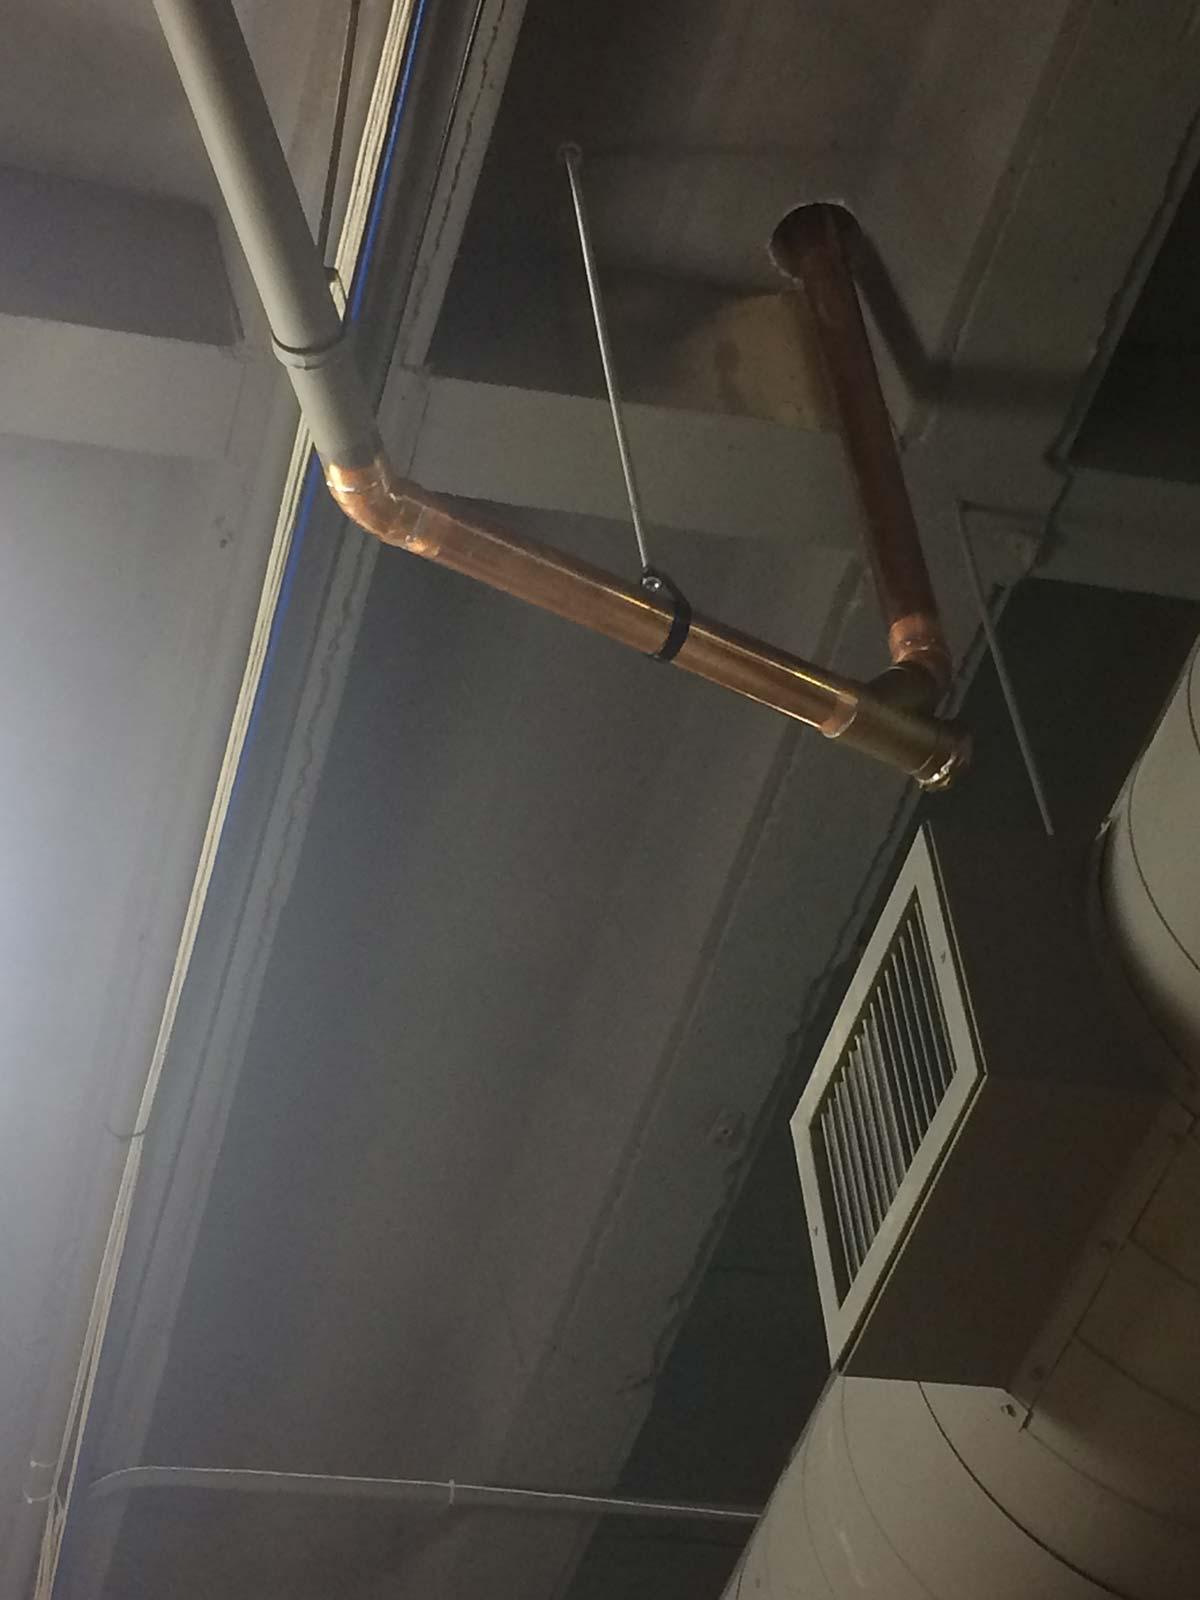 New copper pipe run